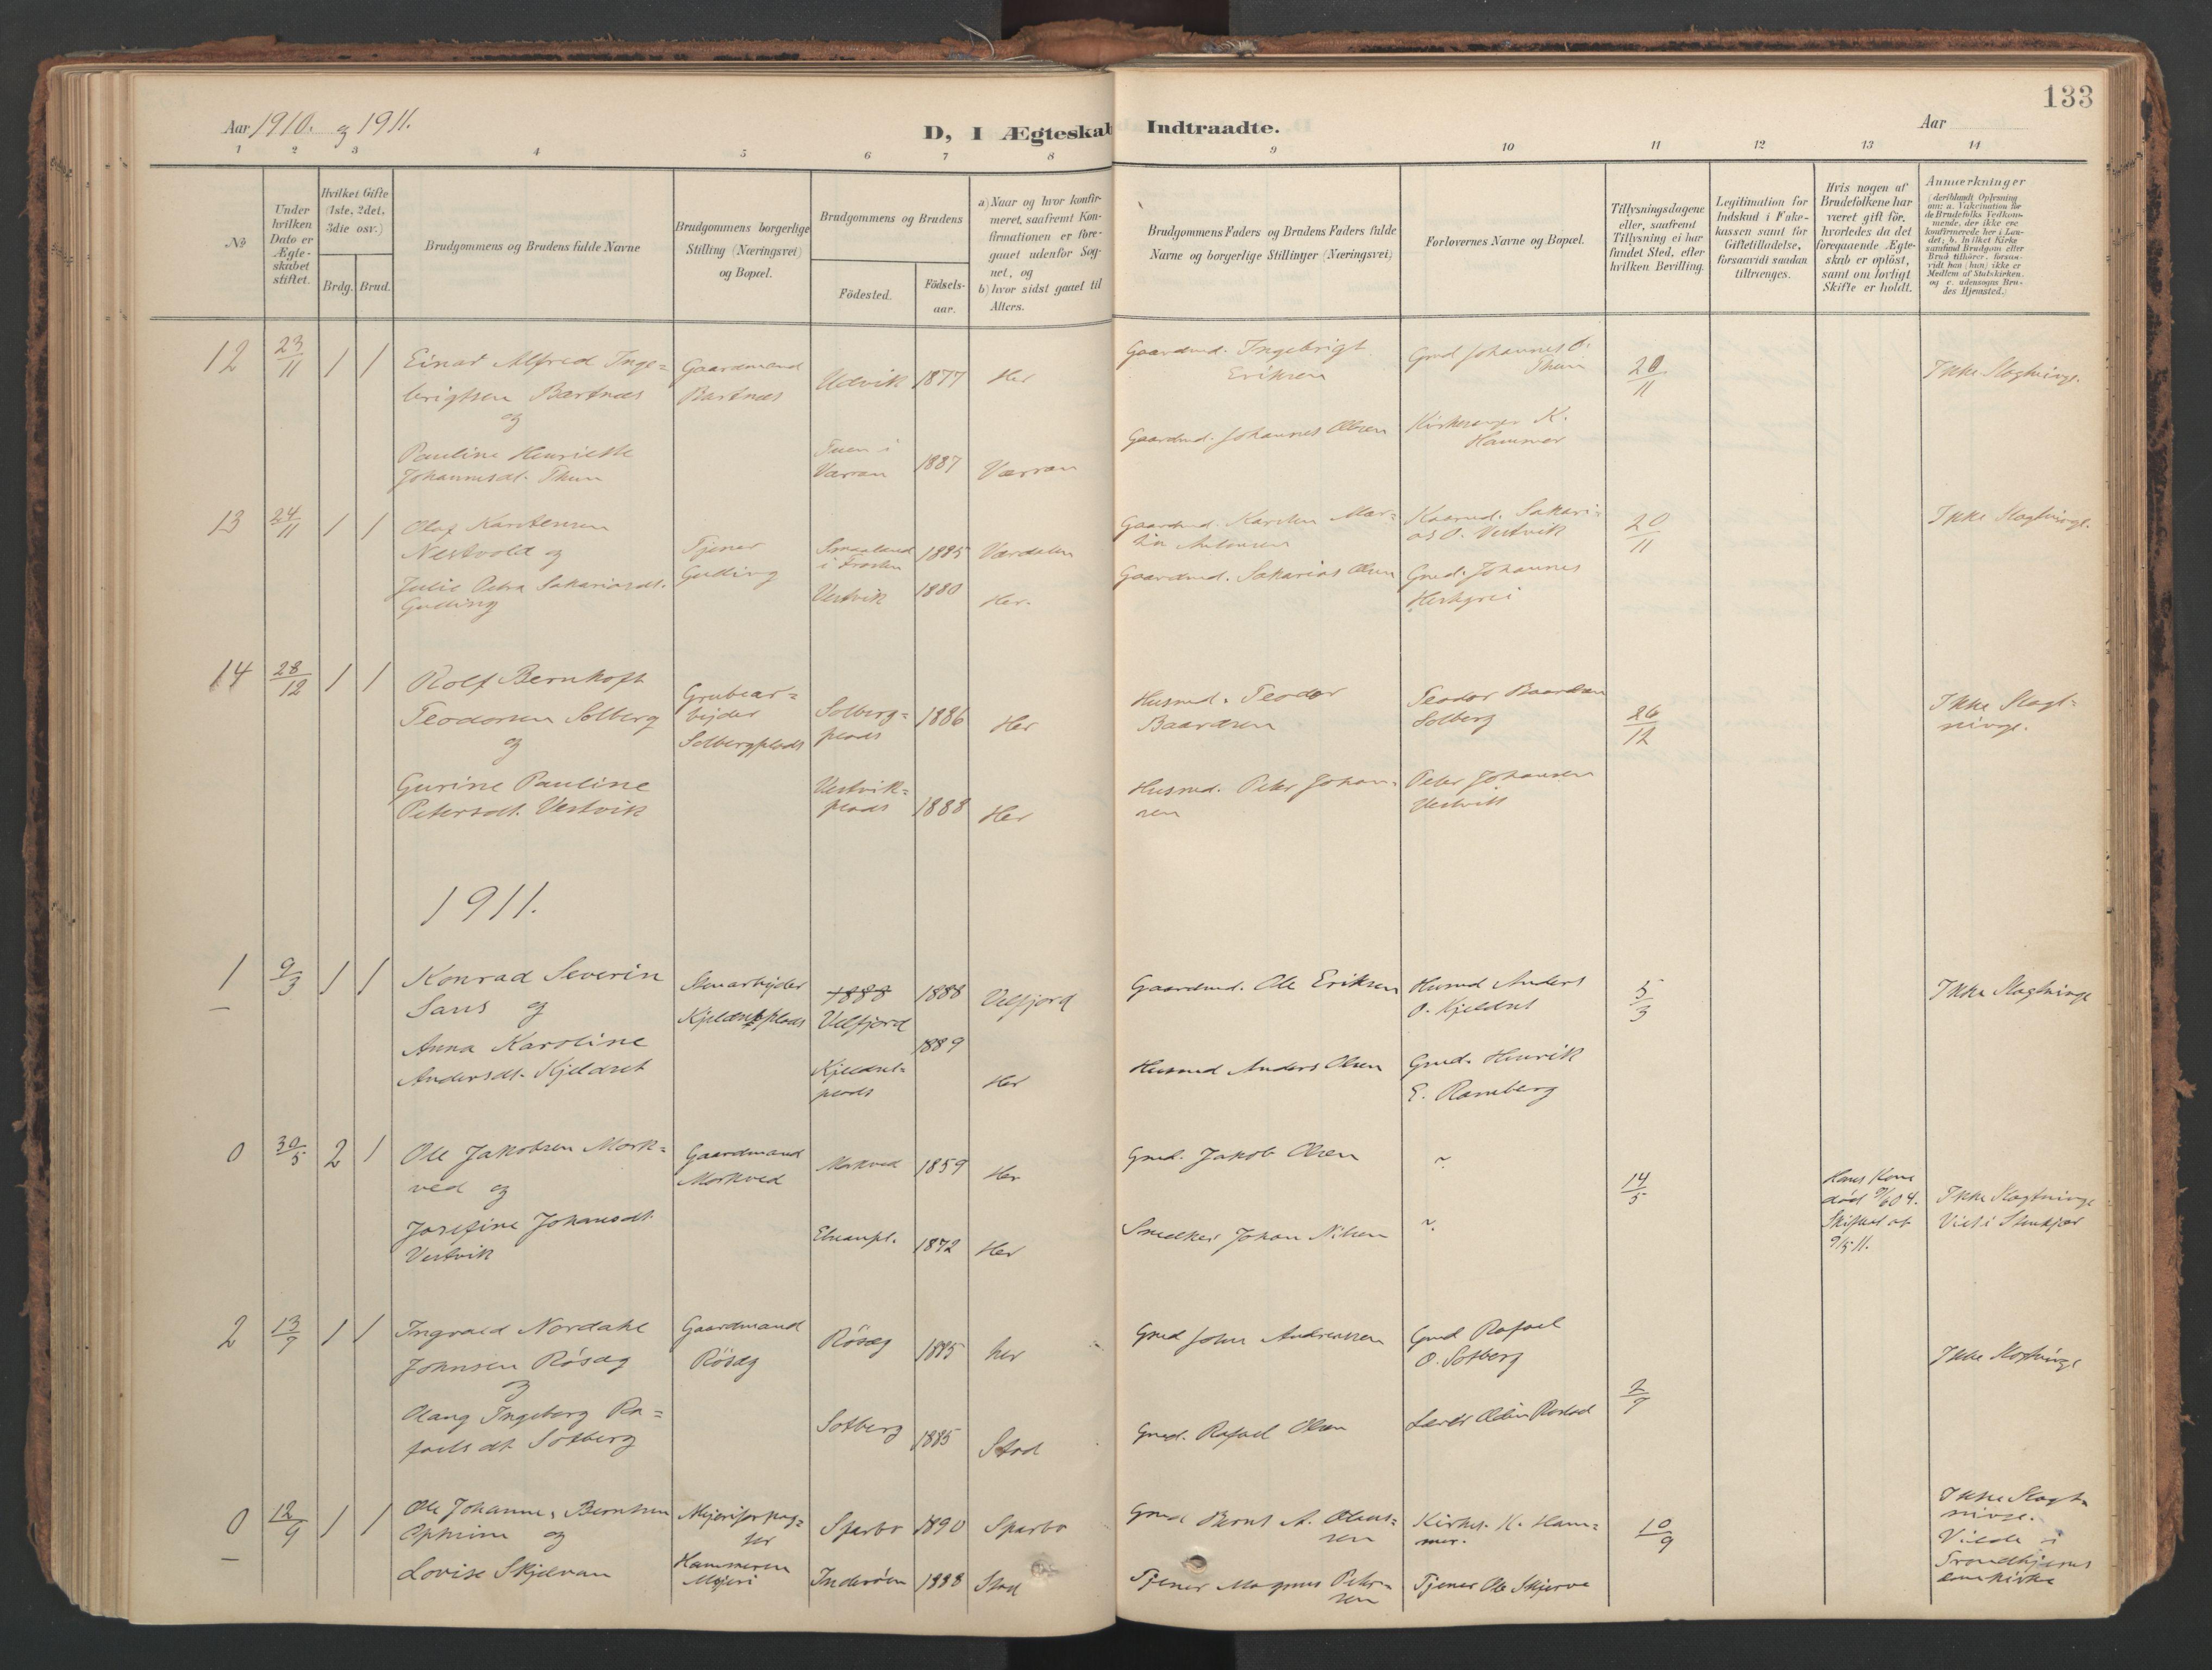 SAT, Ministerialprotokoller, klokkerbøker og fødselsregistre - Nord-Trøndelag, 741/L0397: Ministerialbok nr. 741A11, 1901-1911, s. 133